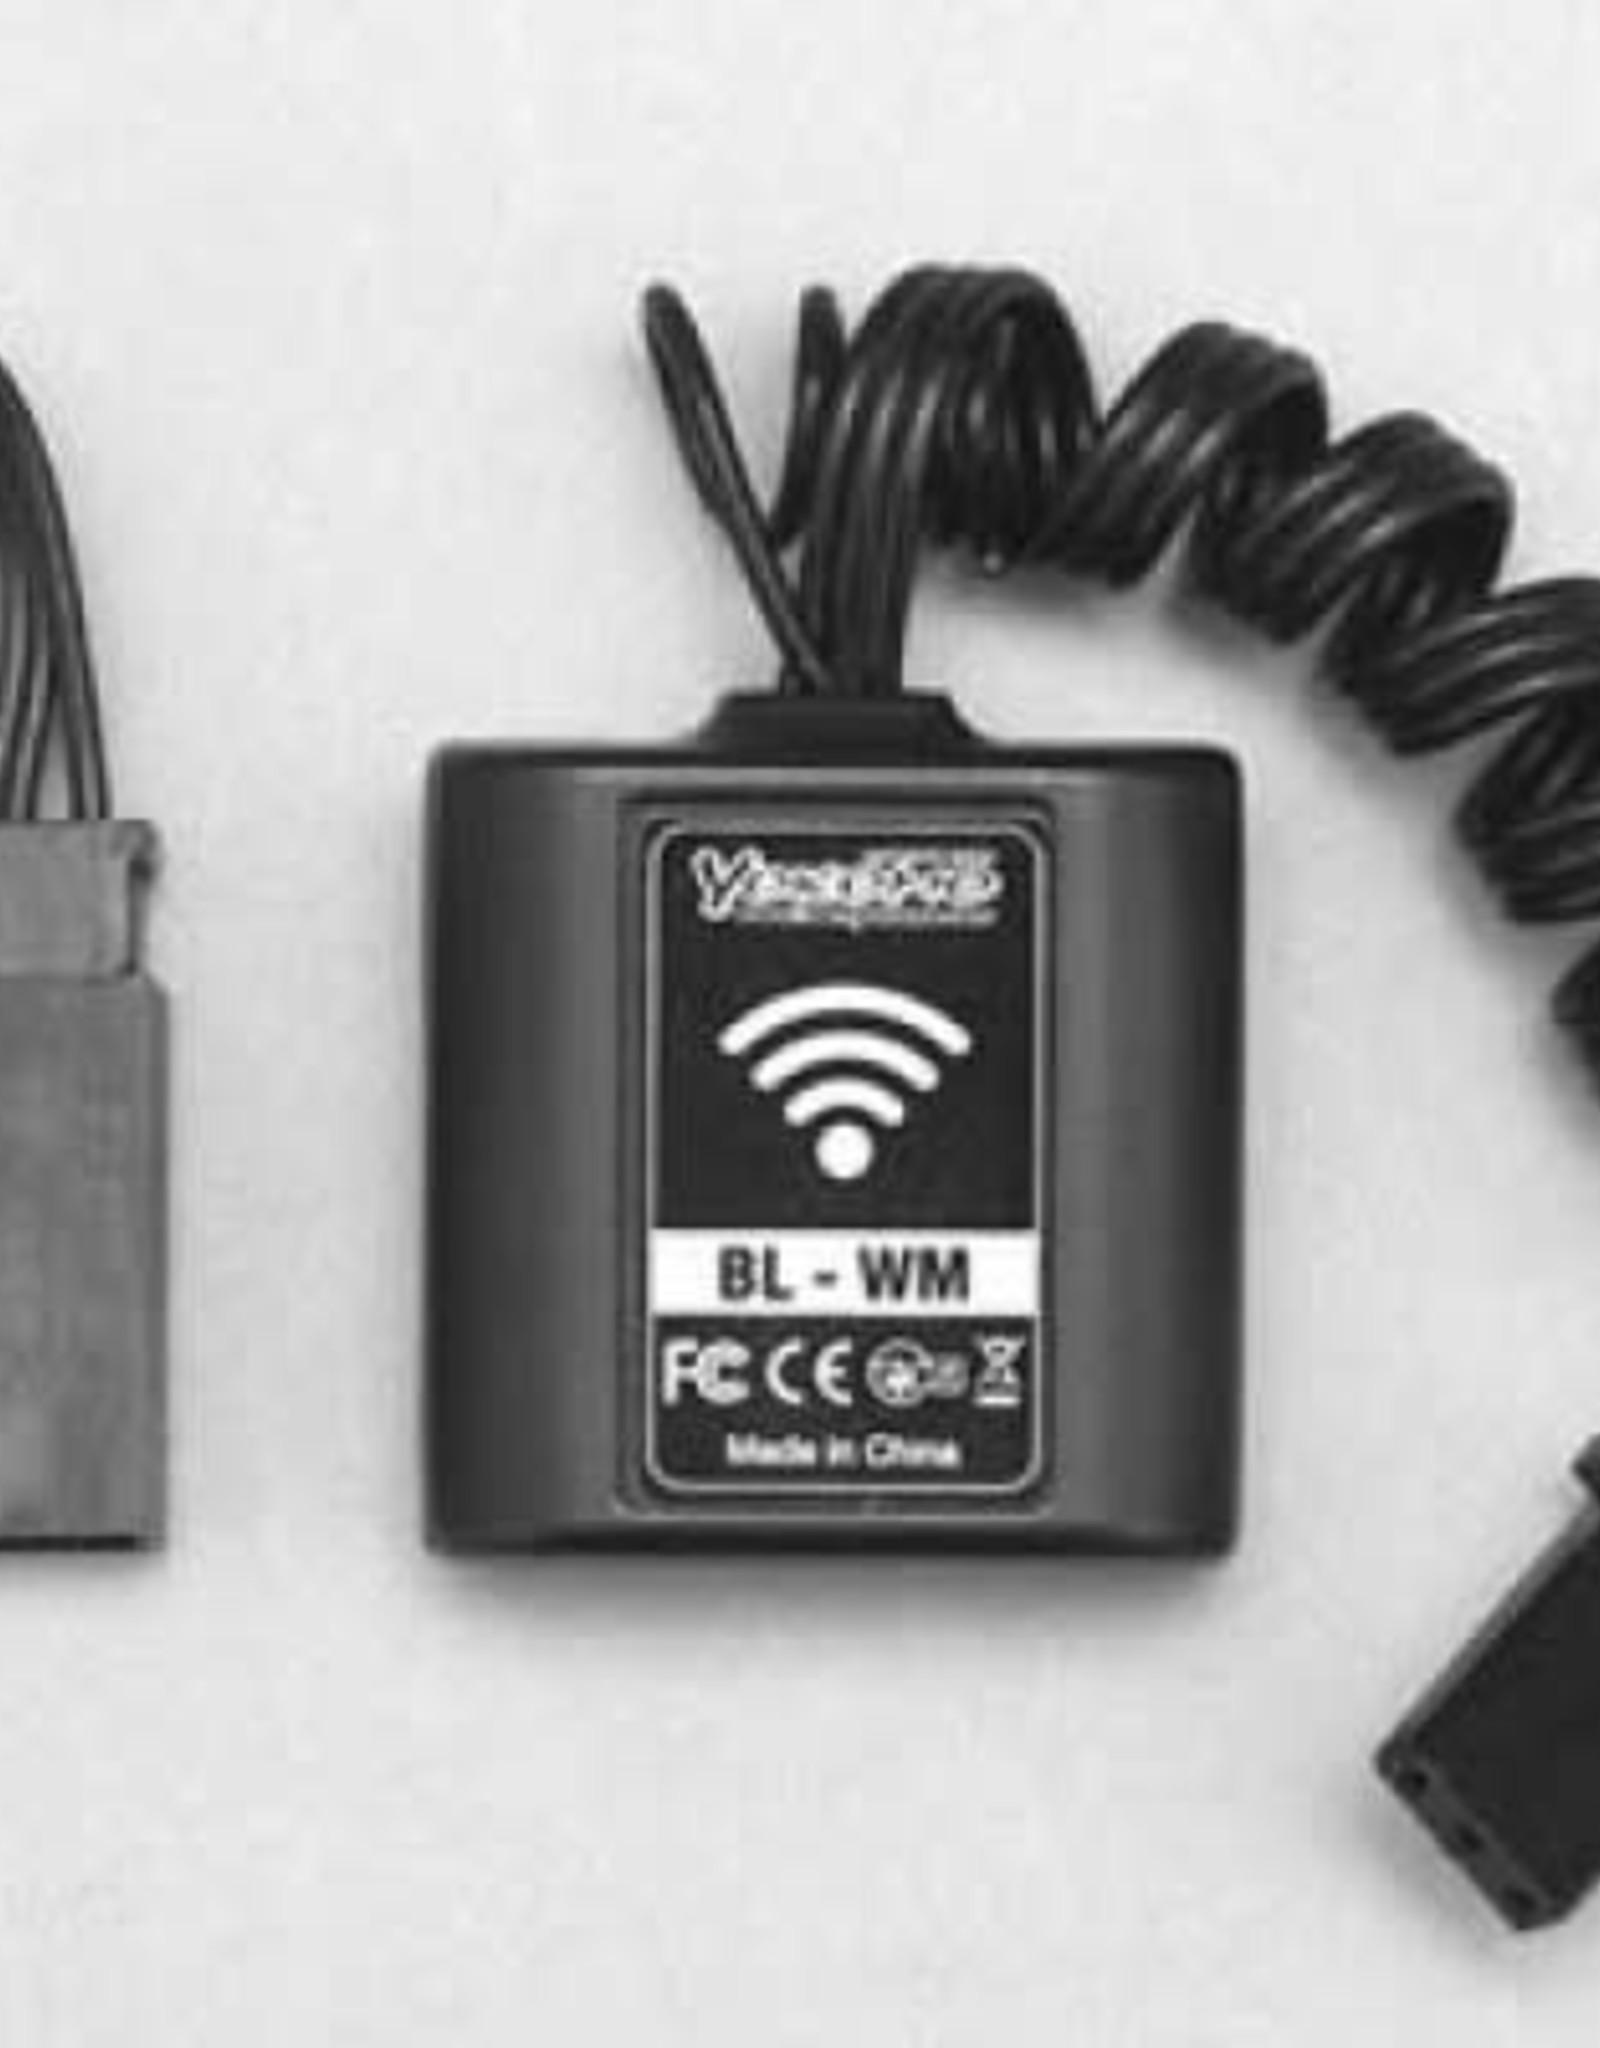 Yokomo YOKOMO Wi-Fi Module for BL-ESC (BL-WM)